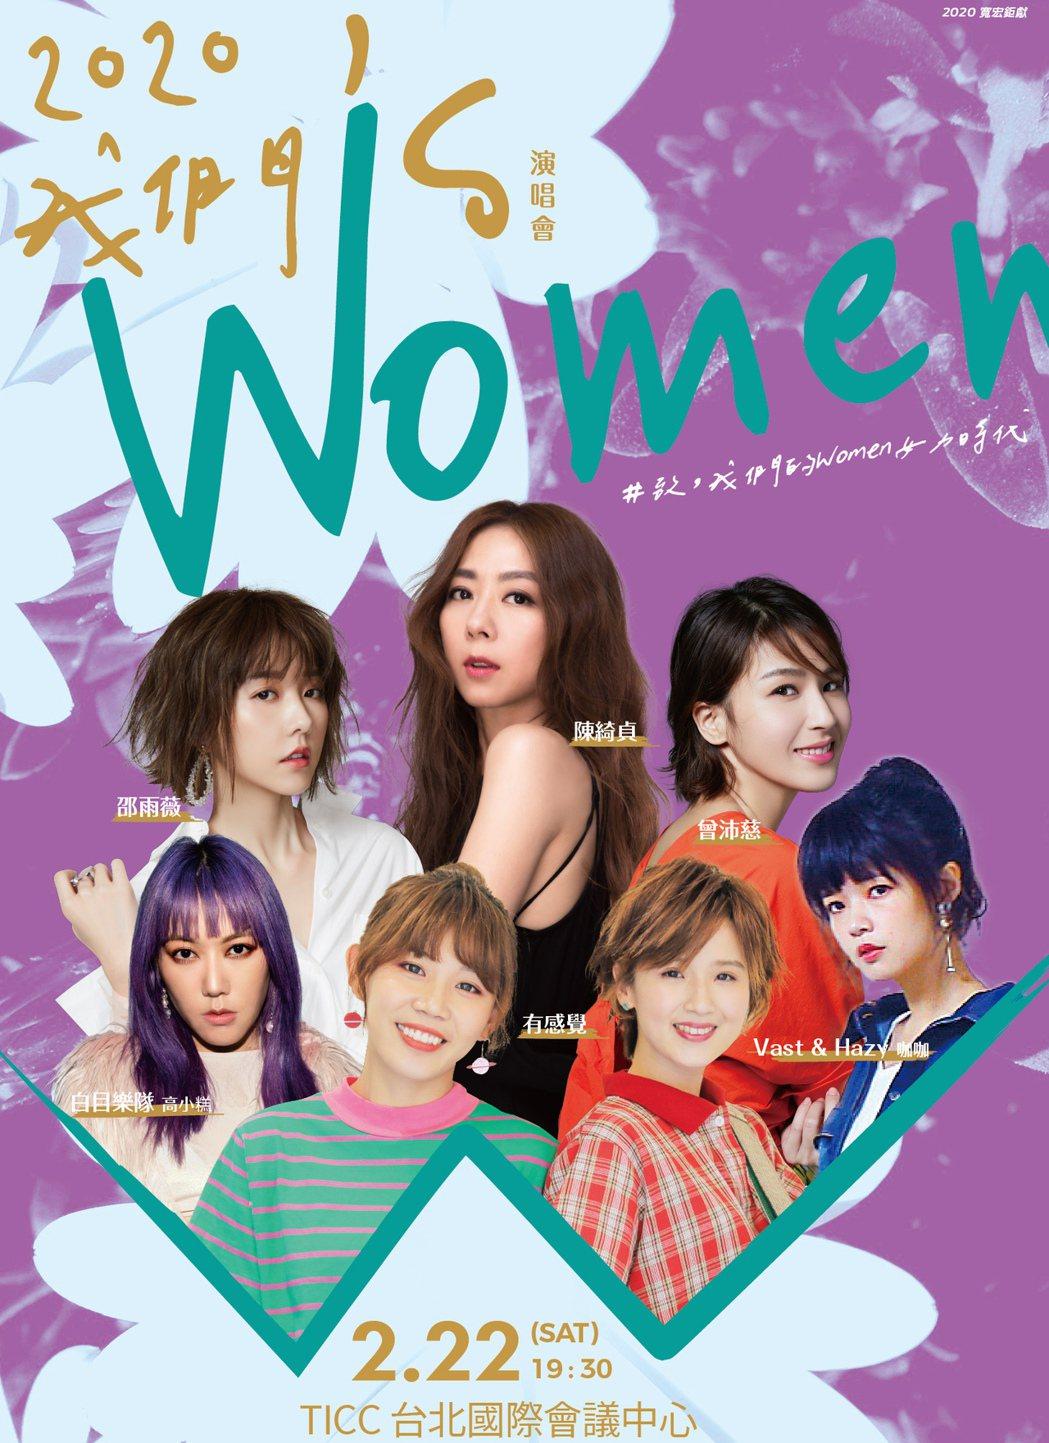 「2020我們's Women」演唱會邀來6組藝人開唱。圖/寬宏提供